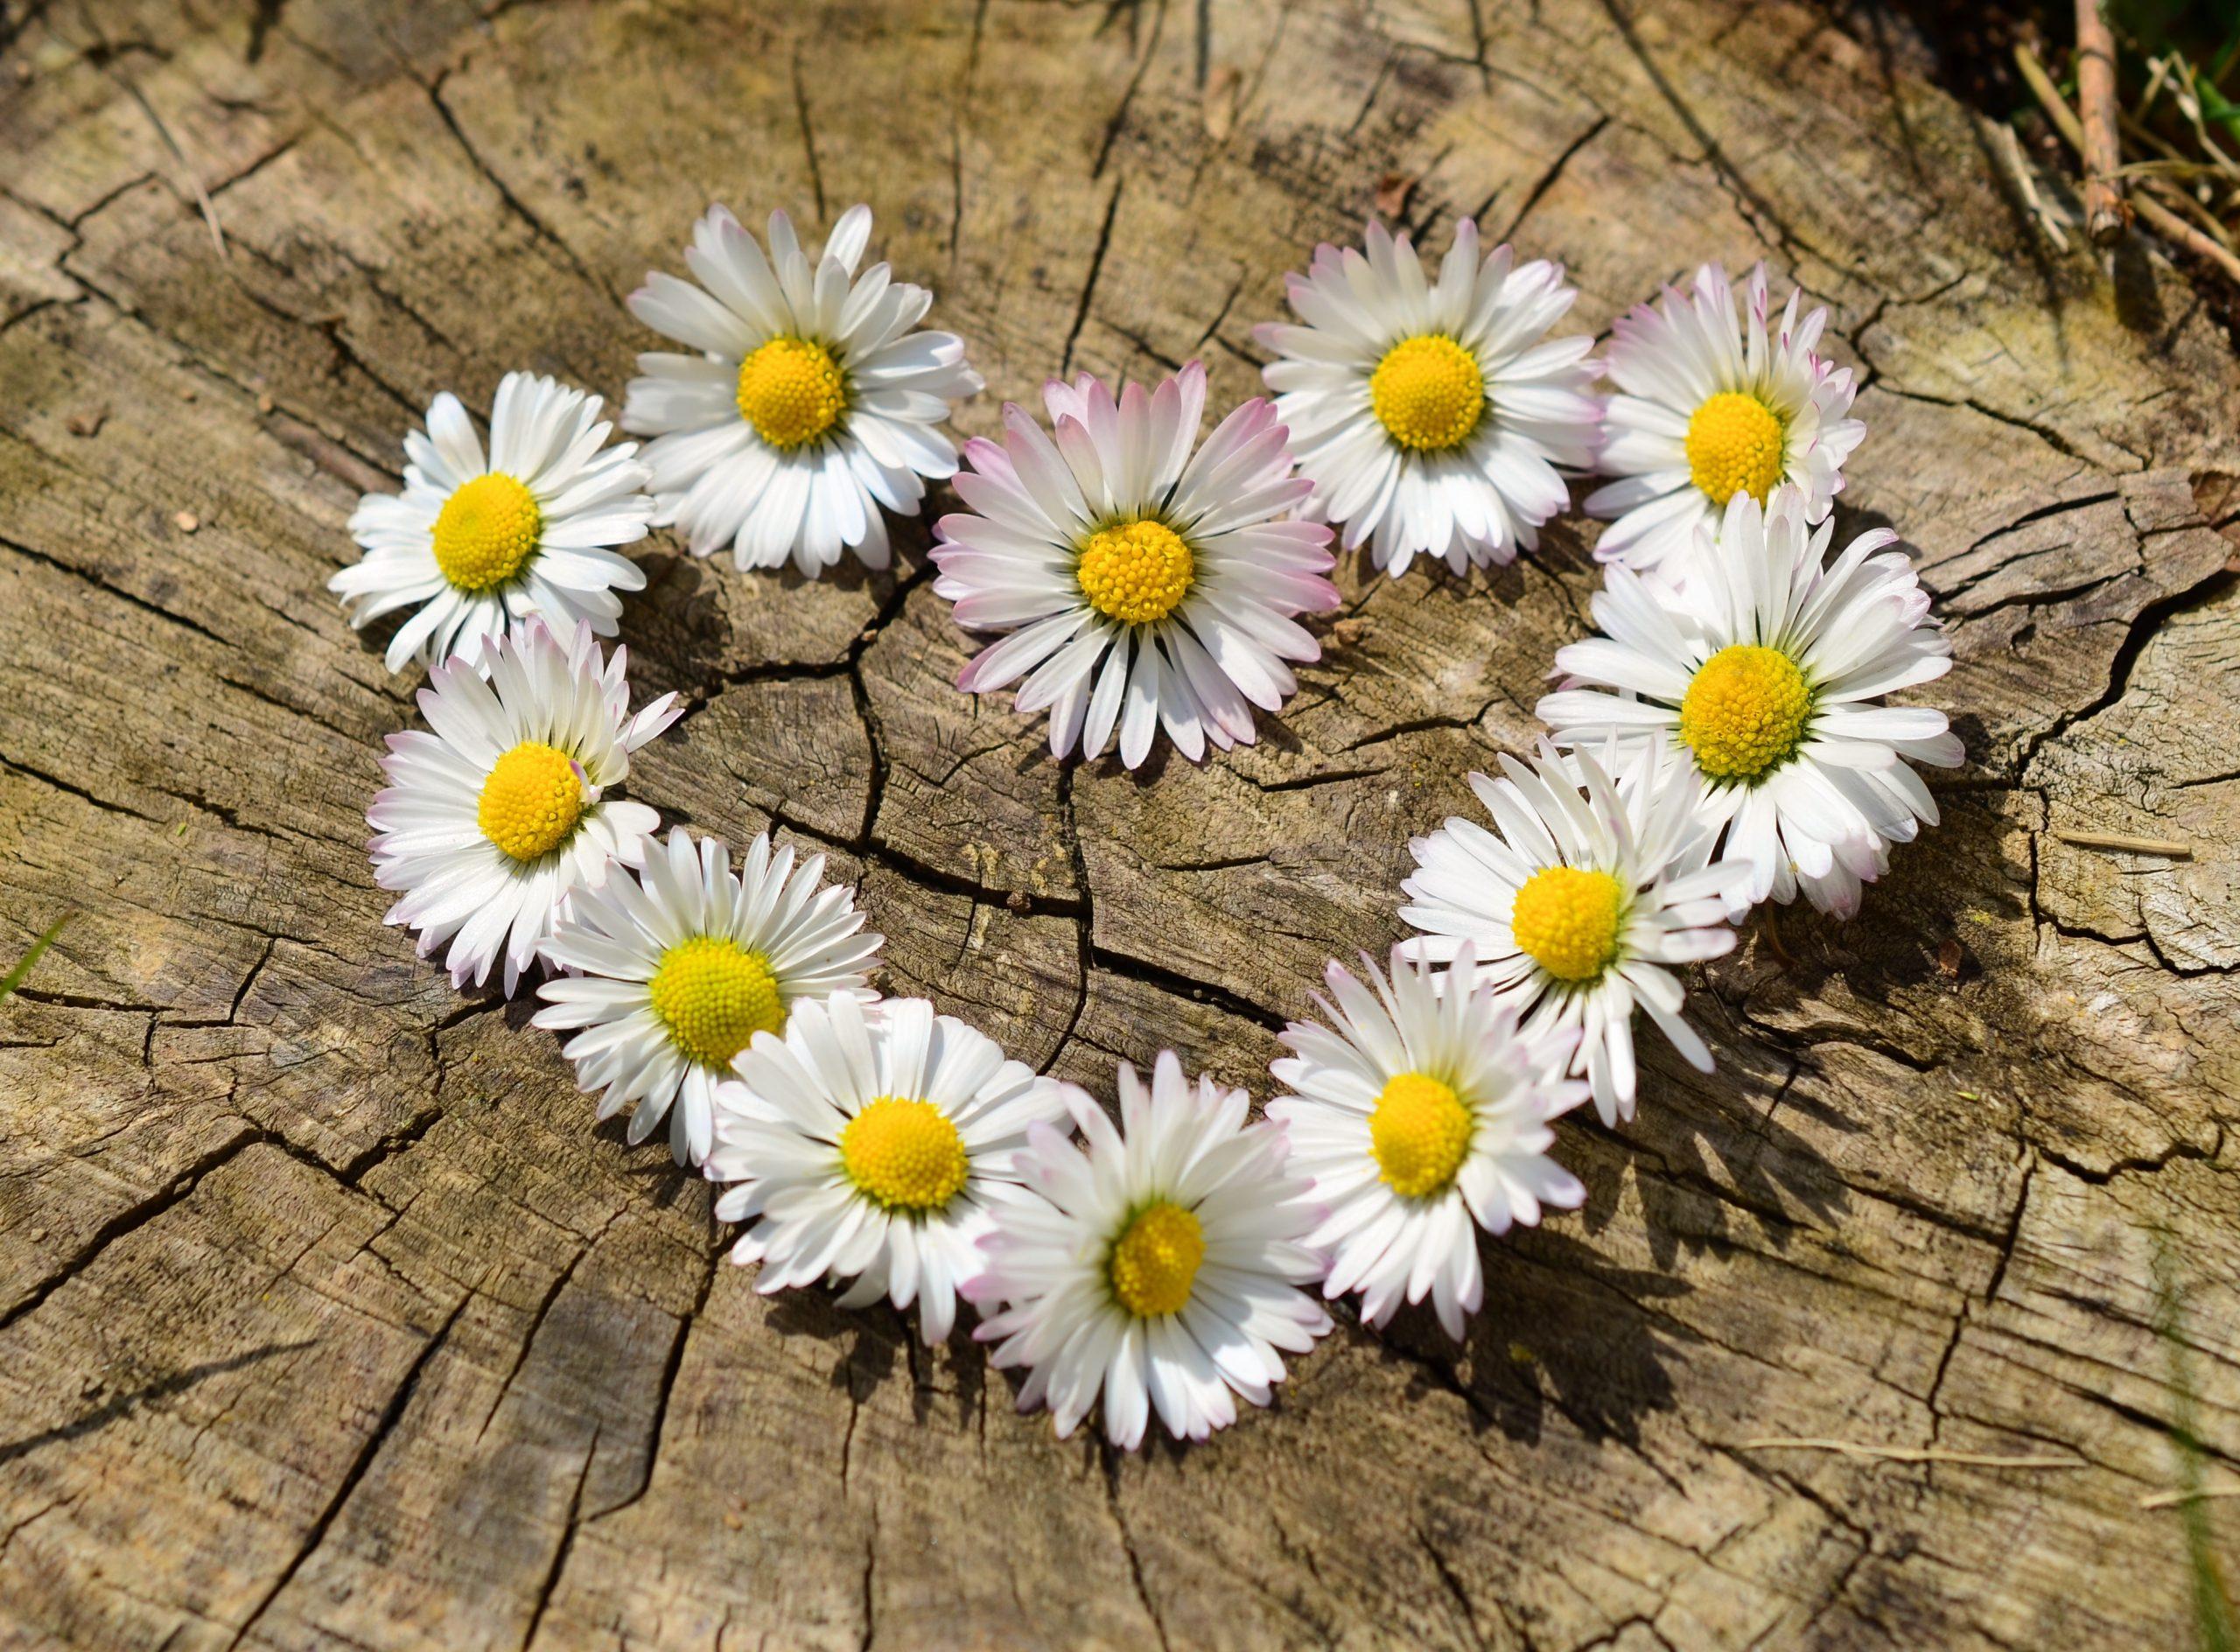 Heart, pixabay, daisy-712892